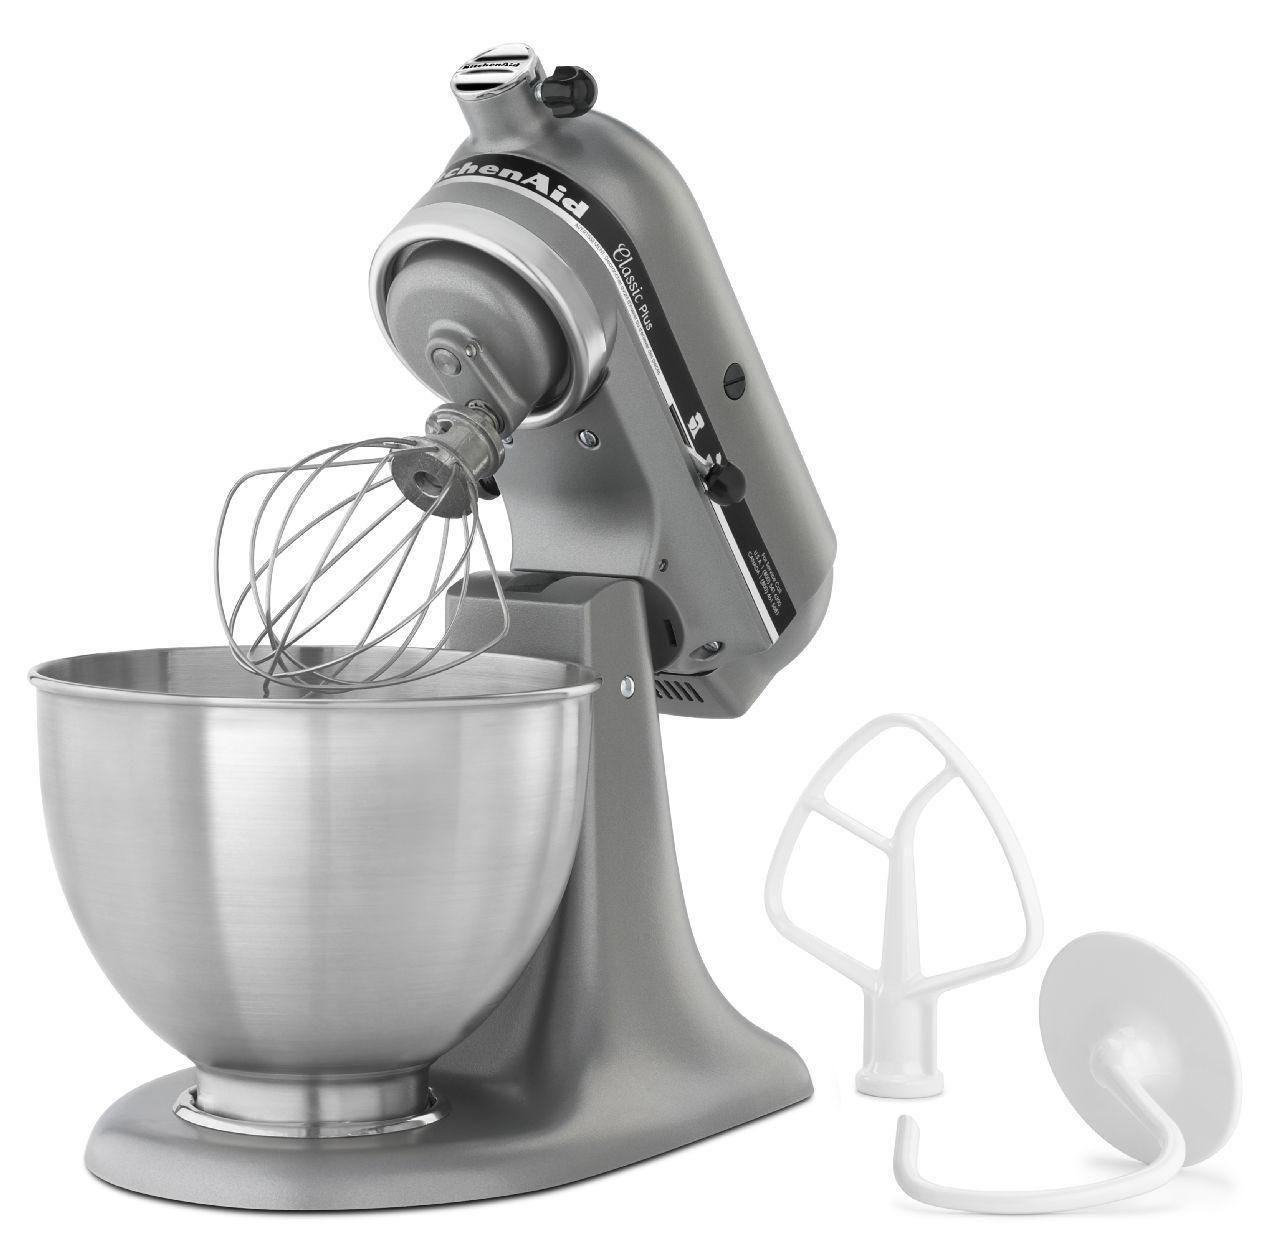 KitchenAid® 275w Classic Plus Stand Mixer - KSM75SL | Walmart Canada